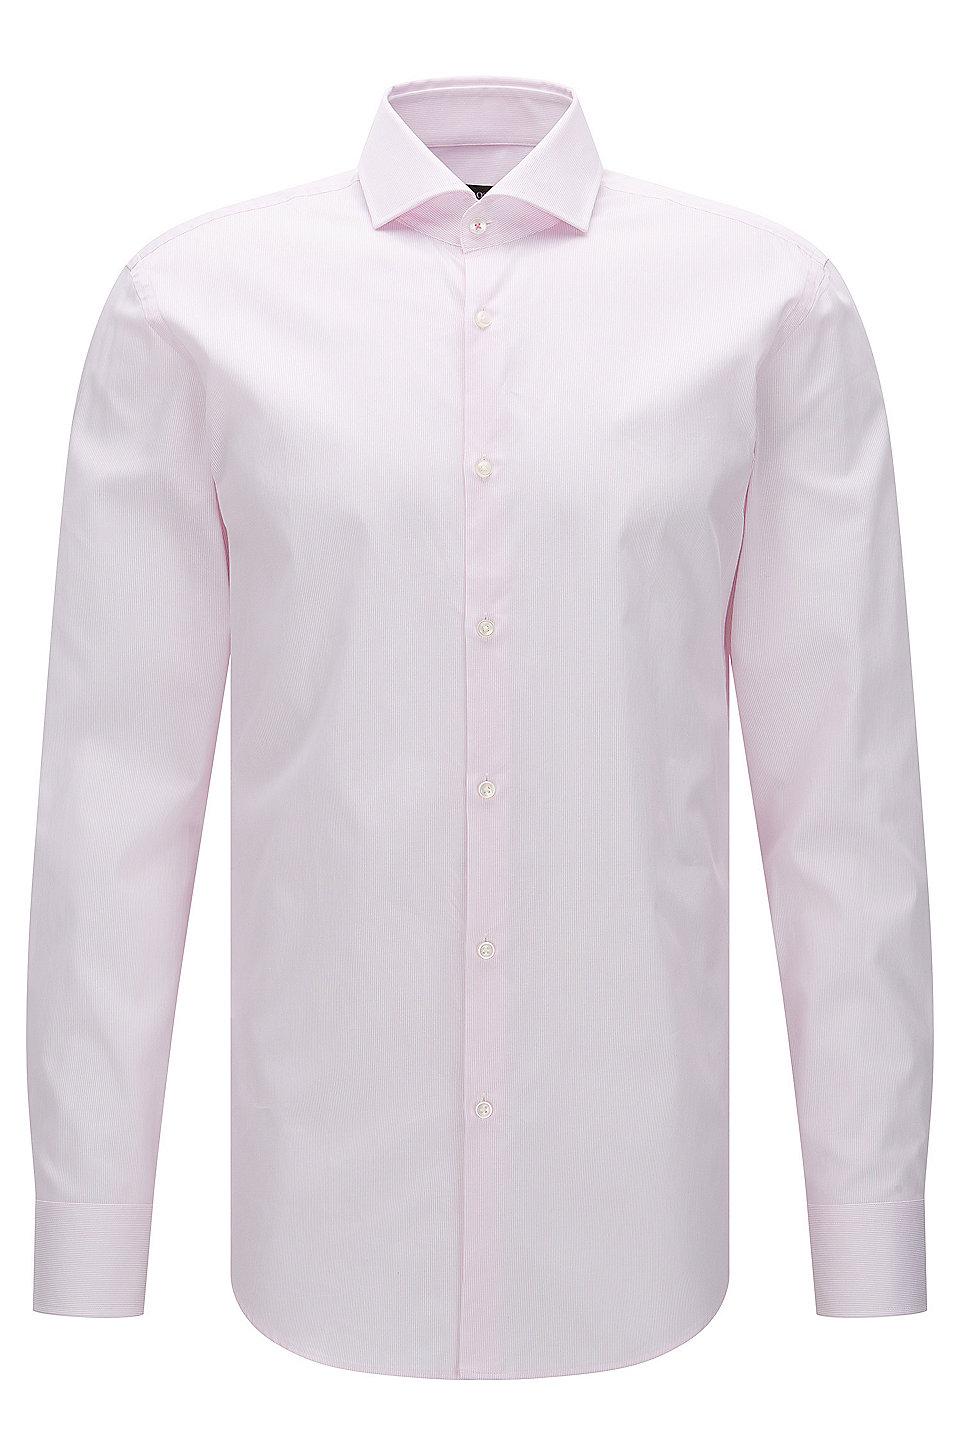 Boss Striped Cotton Dress Shirt Slim Fit Jerrin